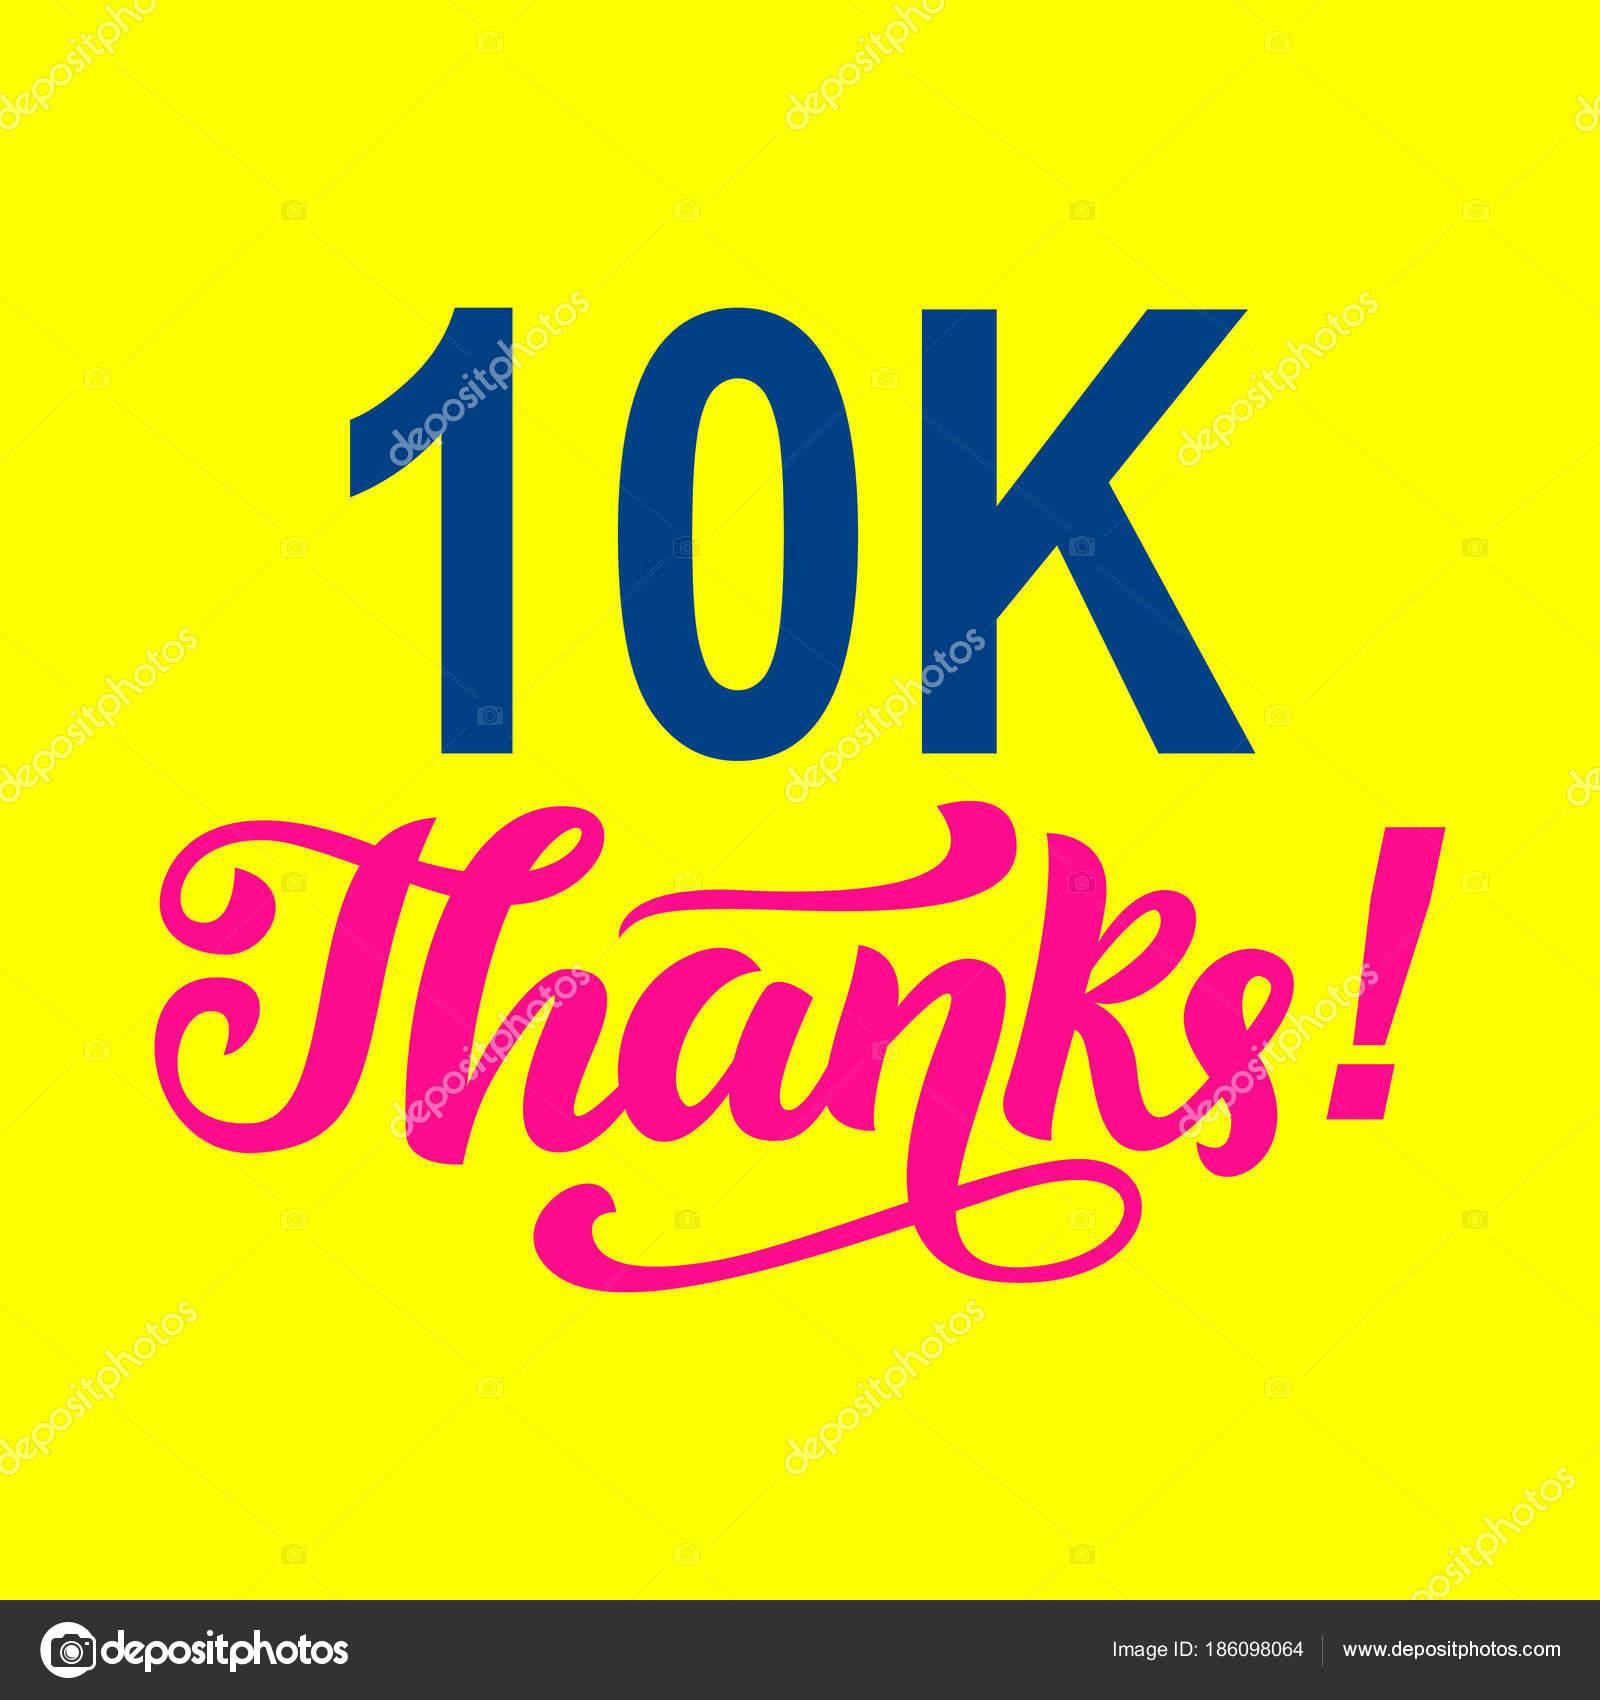 Extreem 10000 volgelingen bedankt. Felicitaties met de sjabloon &NF59